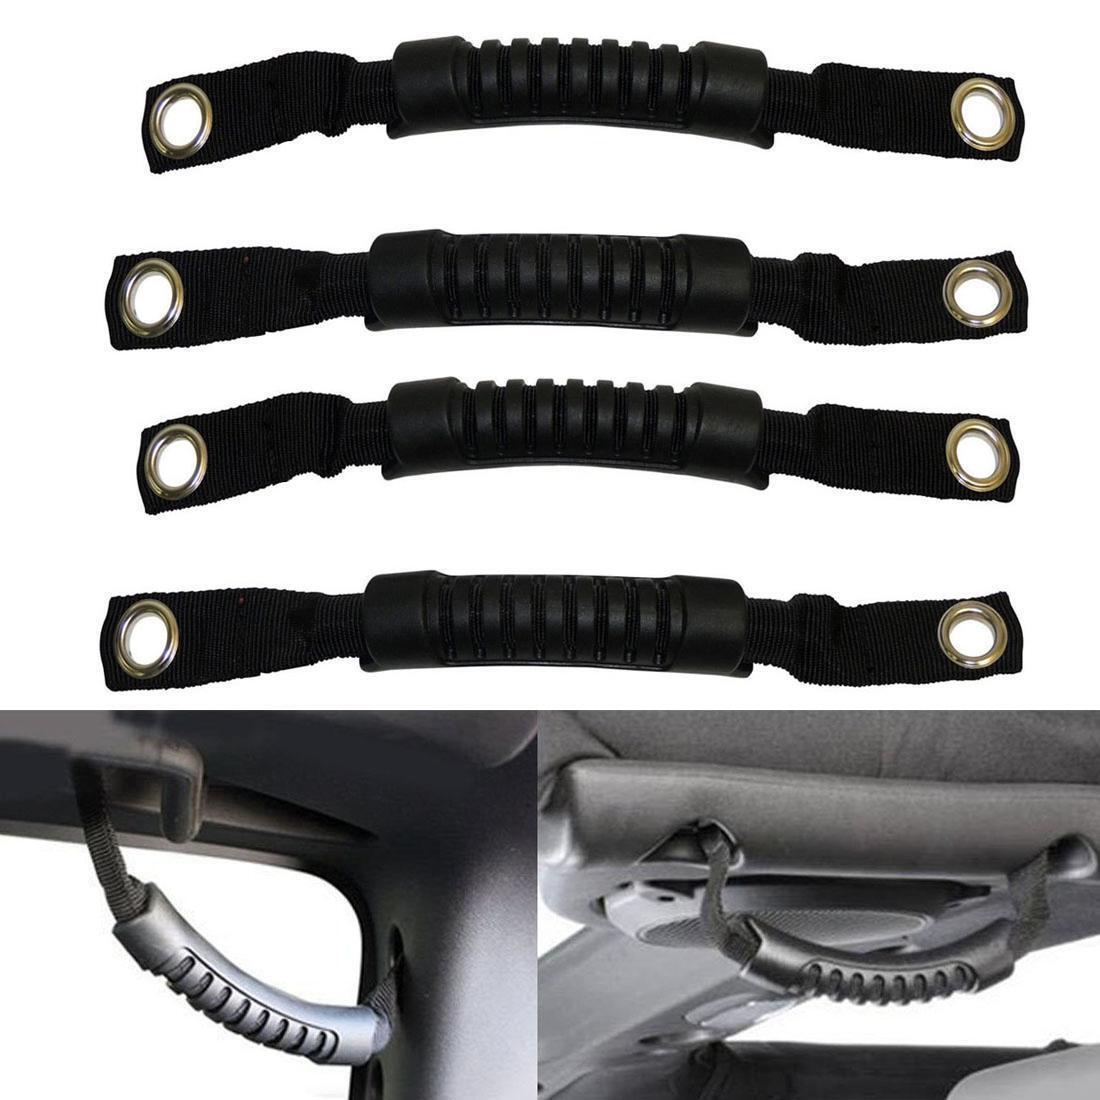 Extreme Off-Road 4pcs Black Rear Side Grab Handle for 07-17 Jeep Wrangler JK